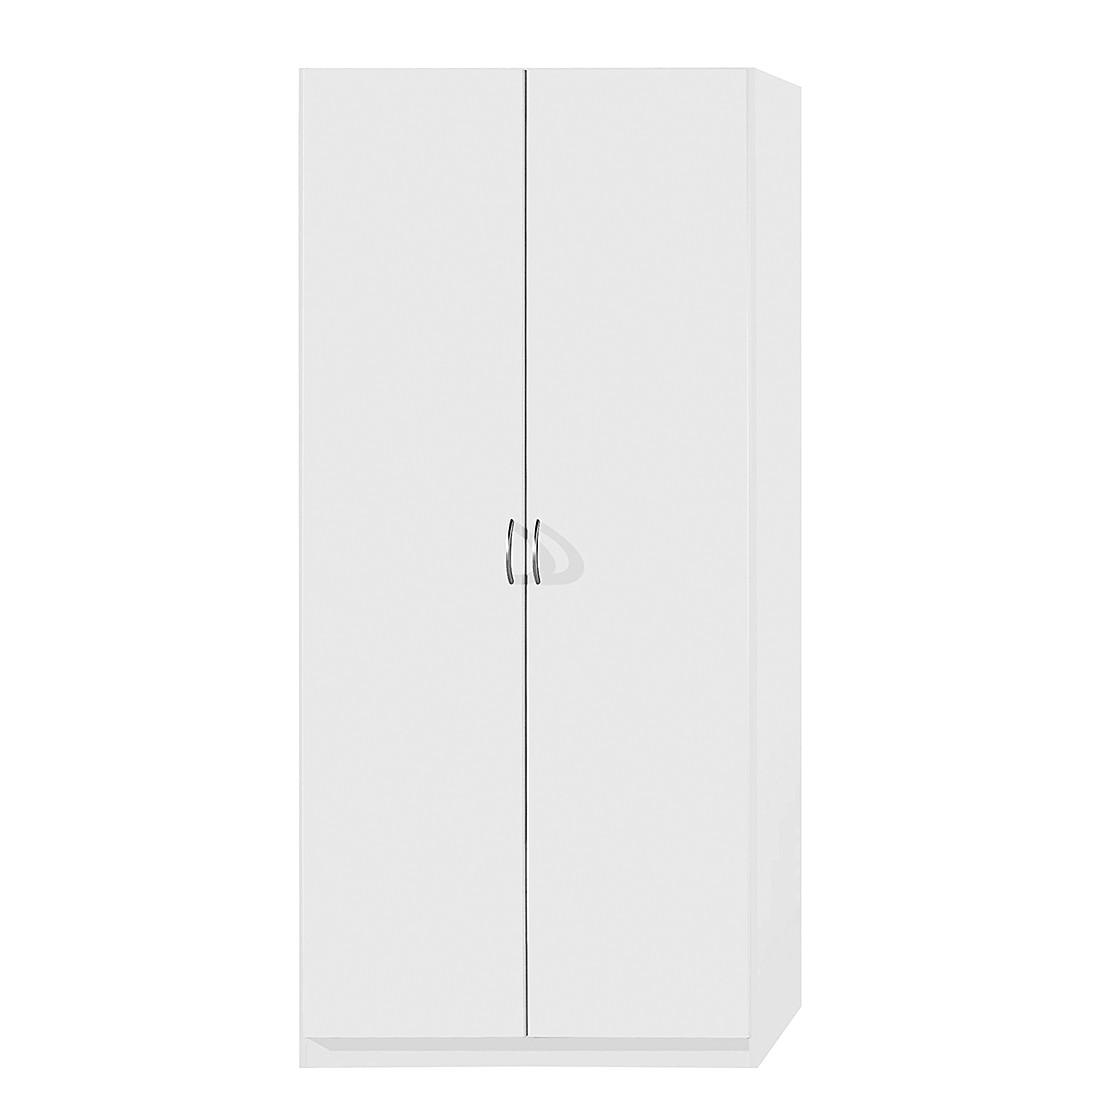 goedkoop Draaideurkast Case I alpinewit kastbreedte 91cm 2 deurs standaard Rauch Packs